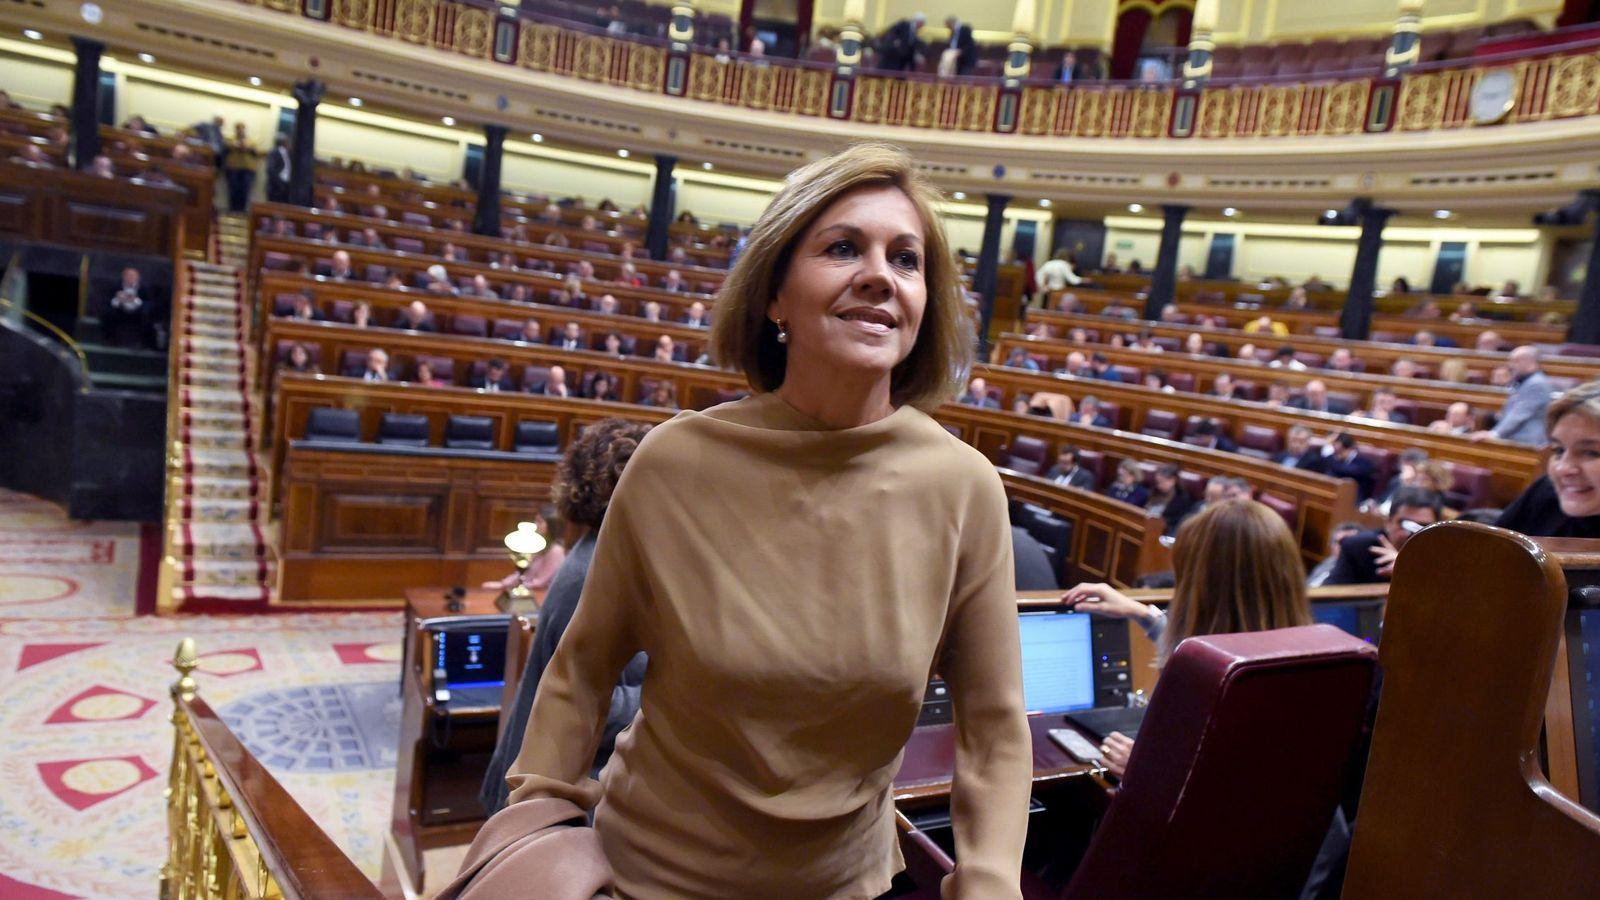 Foto: La ex secretaria general del PP María Dolores de Cospedal a su llegada al hemiciclo. (EFE)